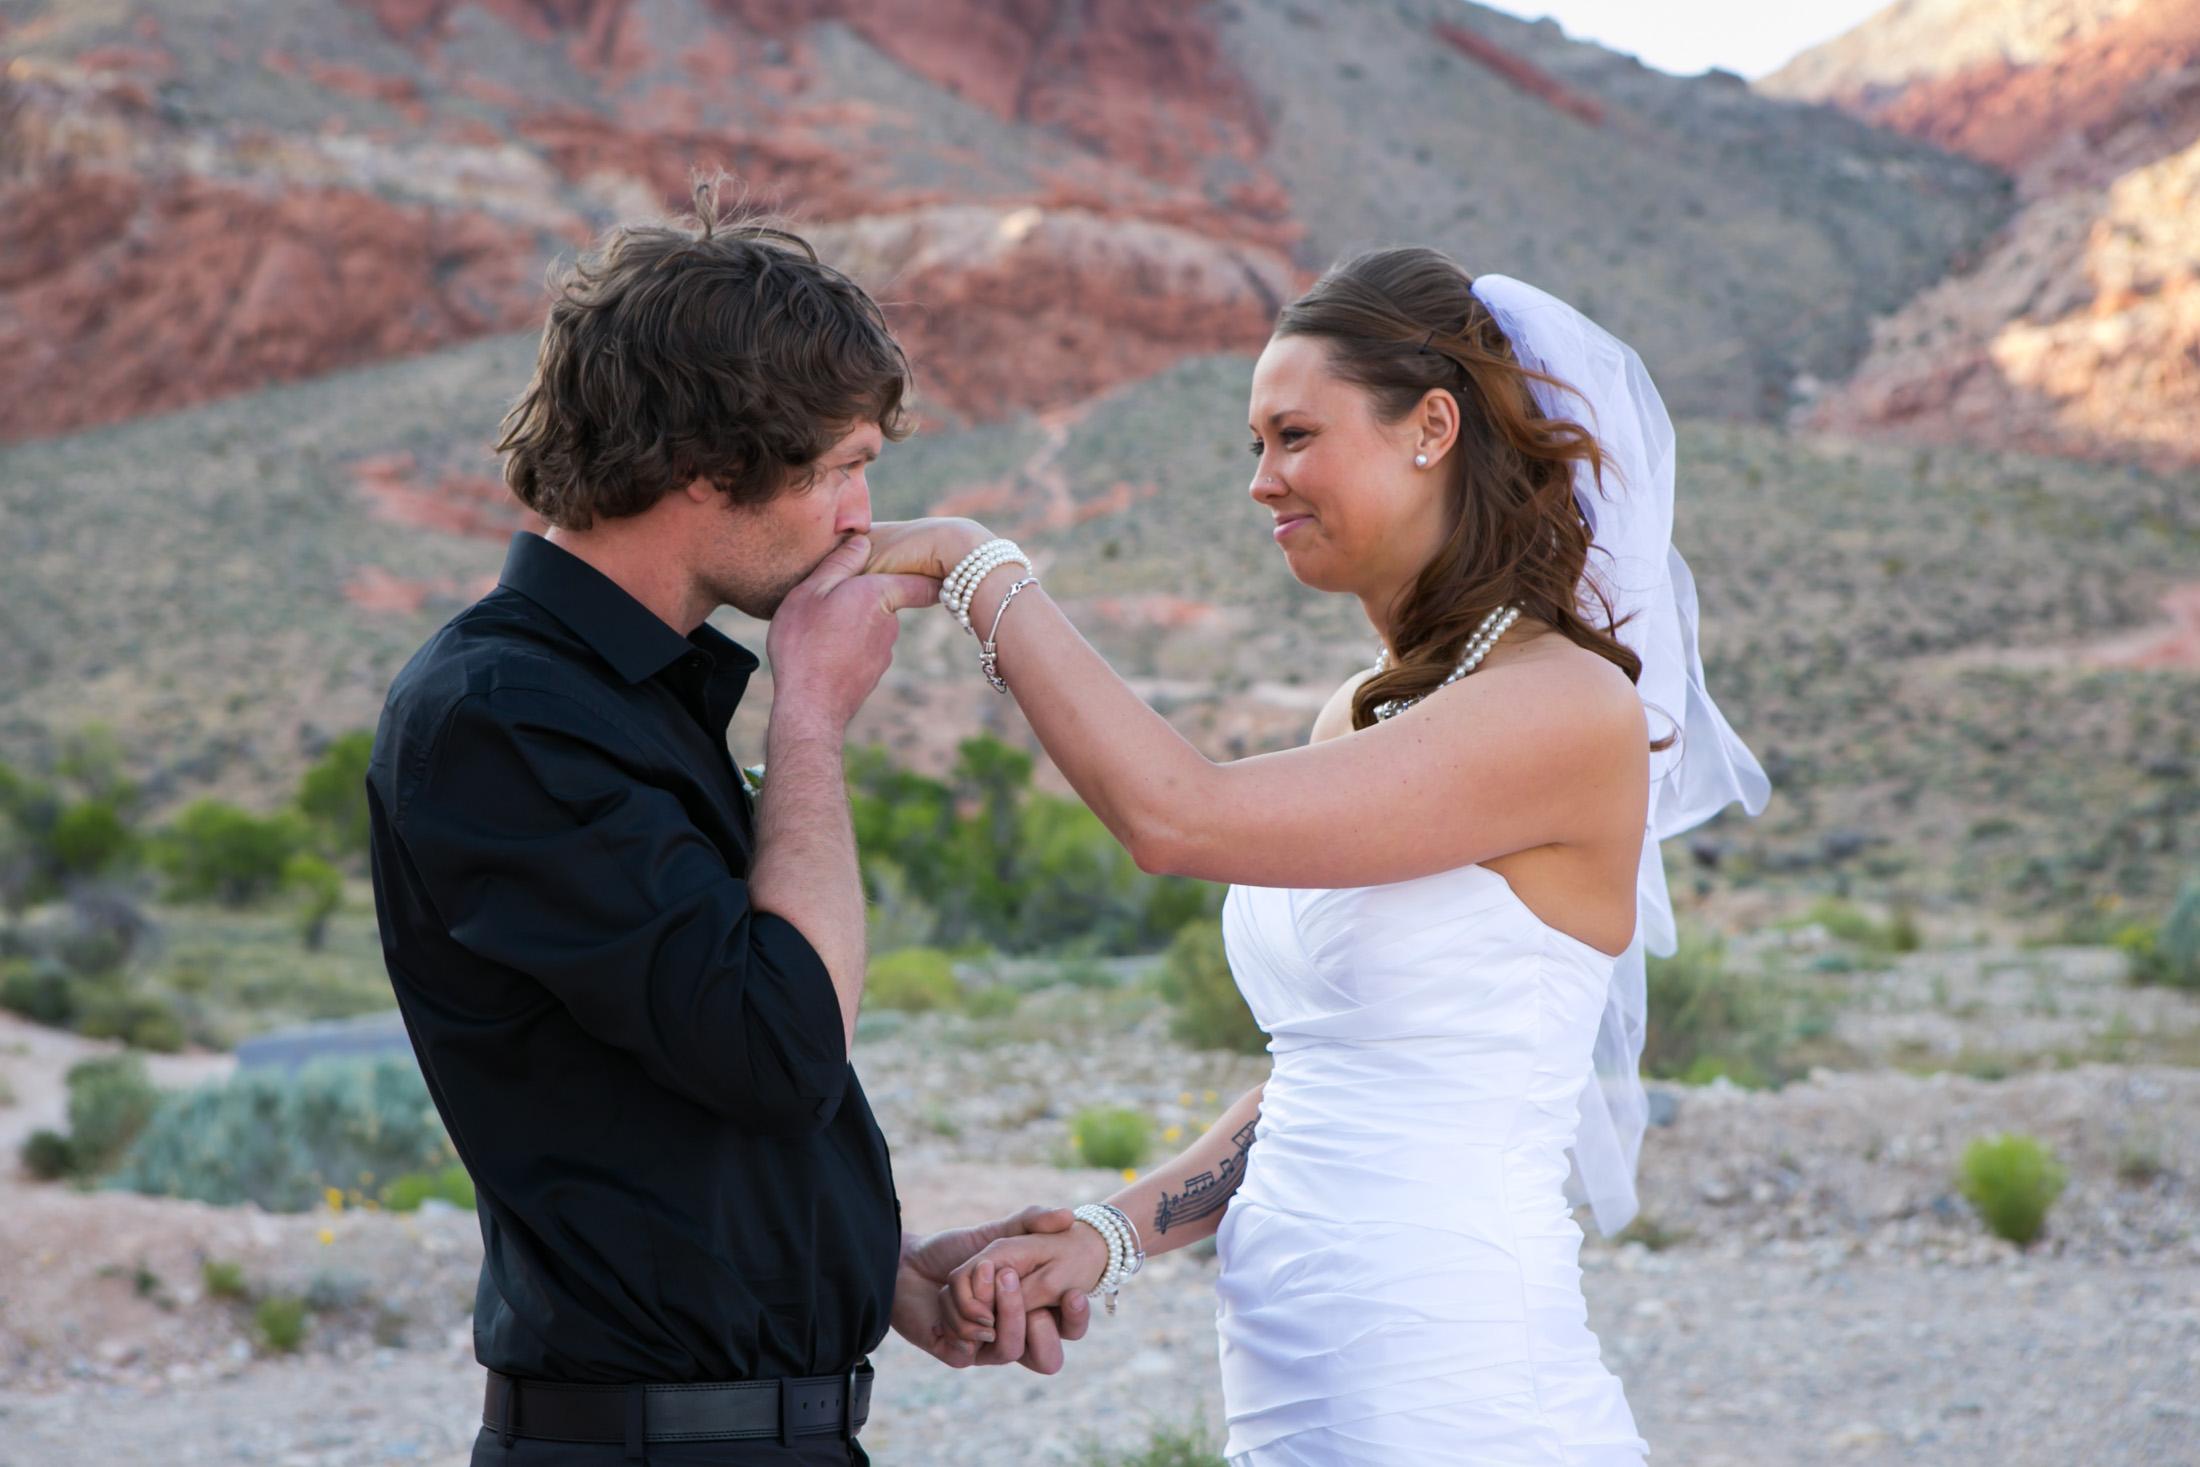 Las Vegas vow renewal at Red Rock canyon